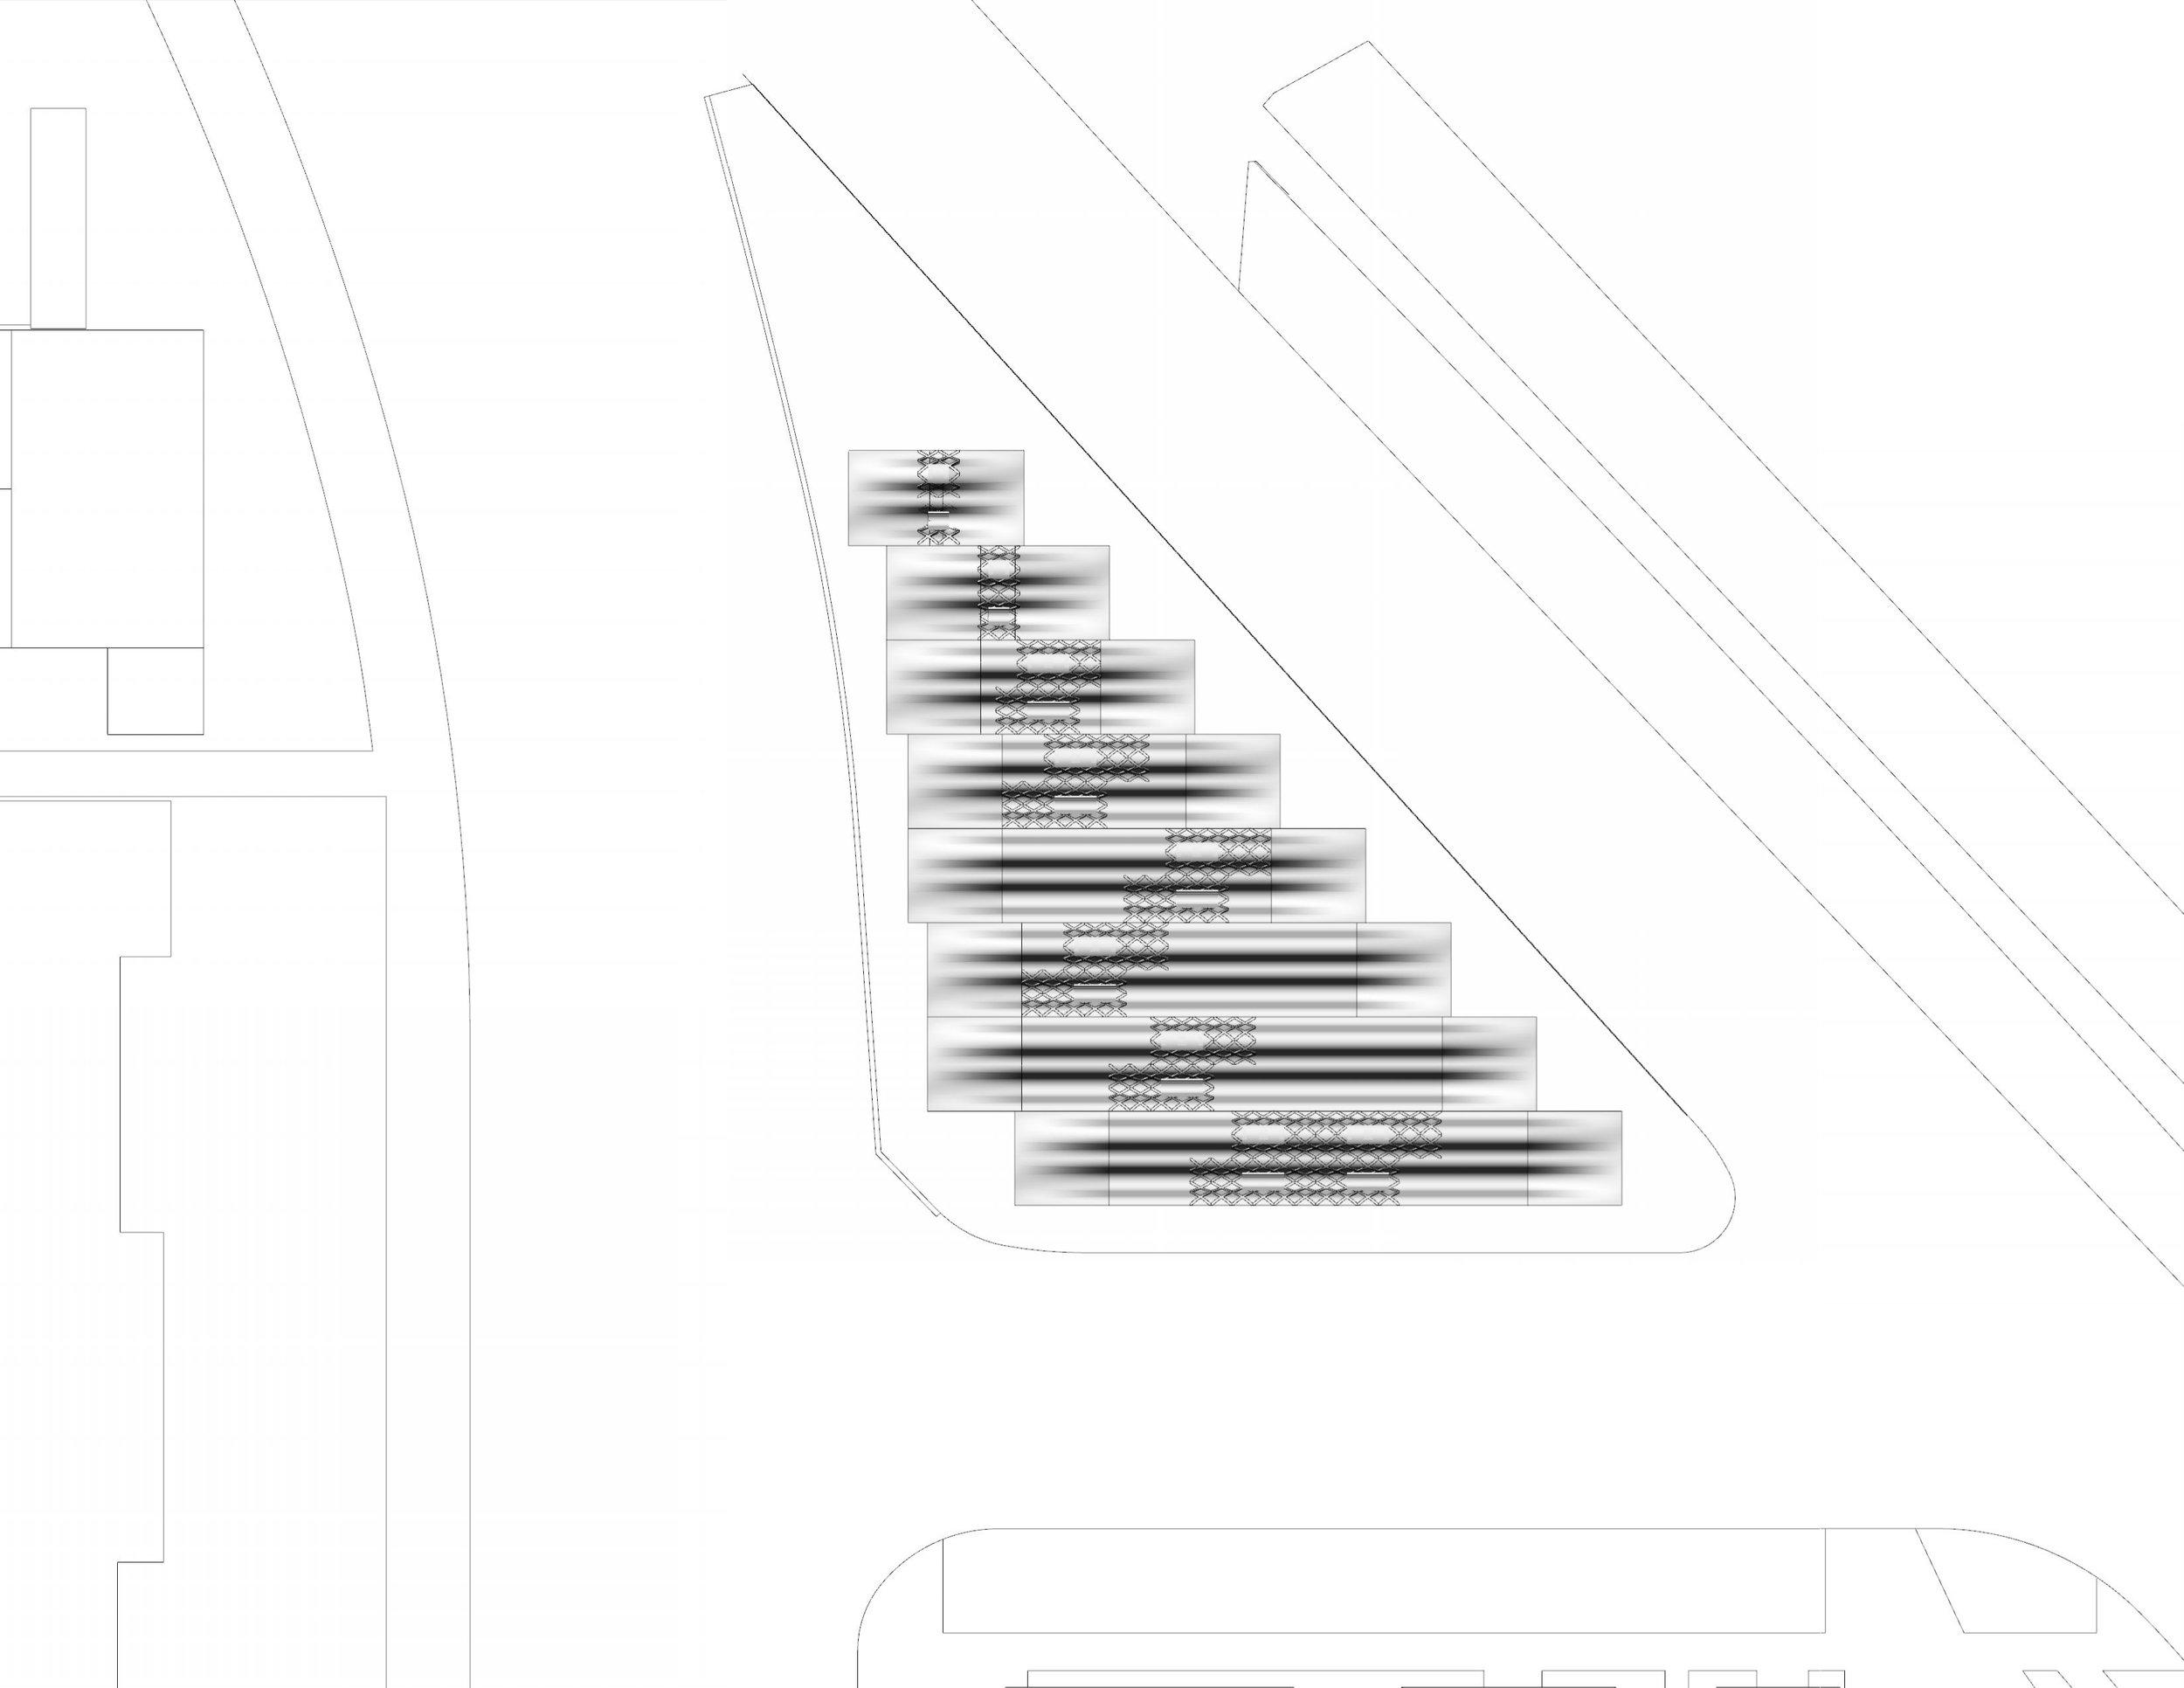 calgary_site3_plan.jpg